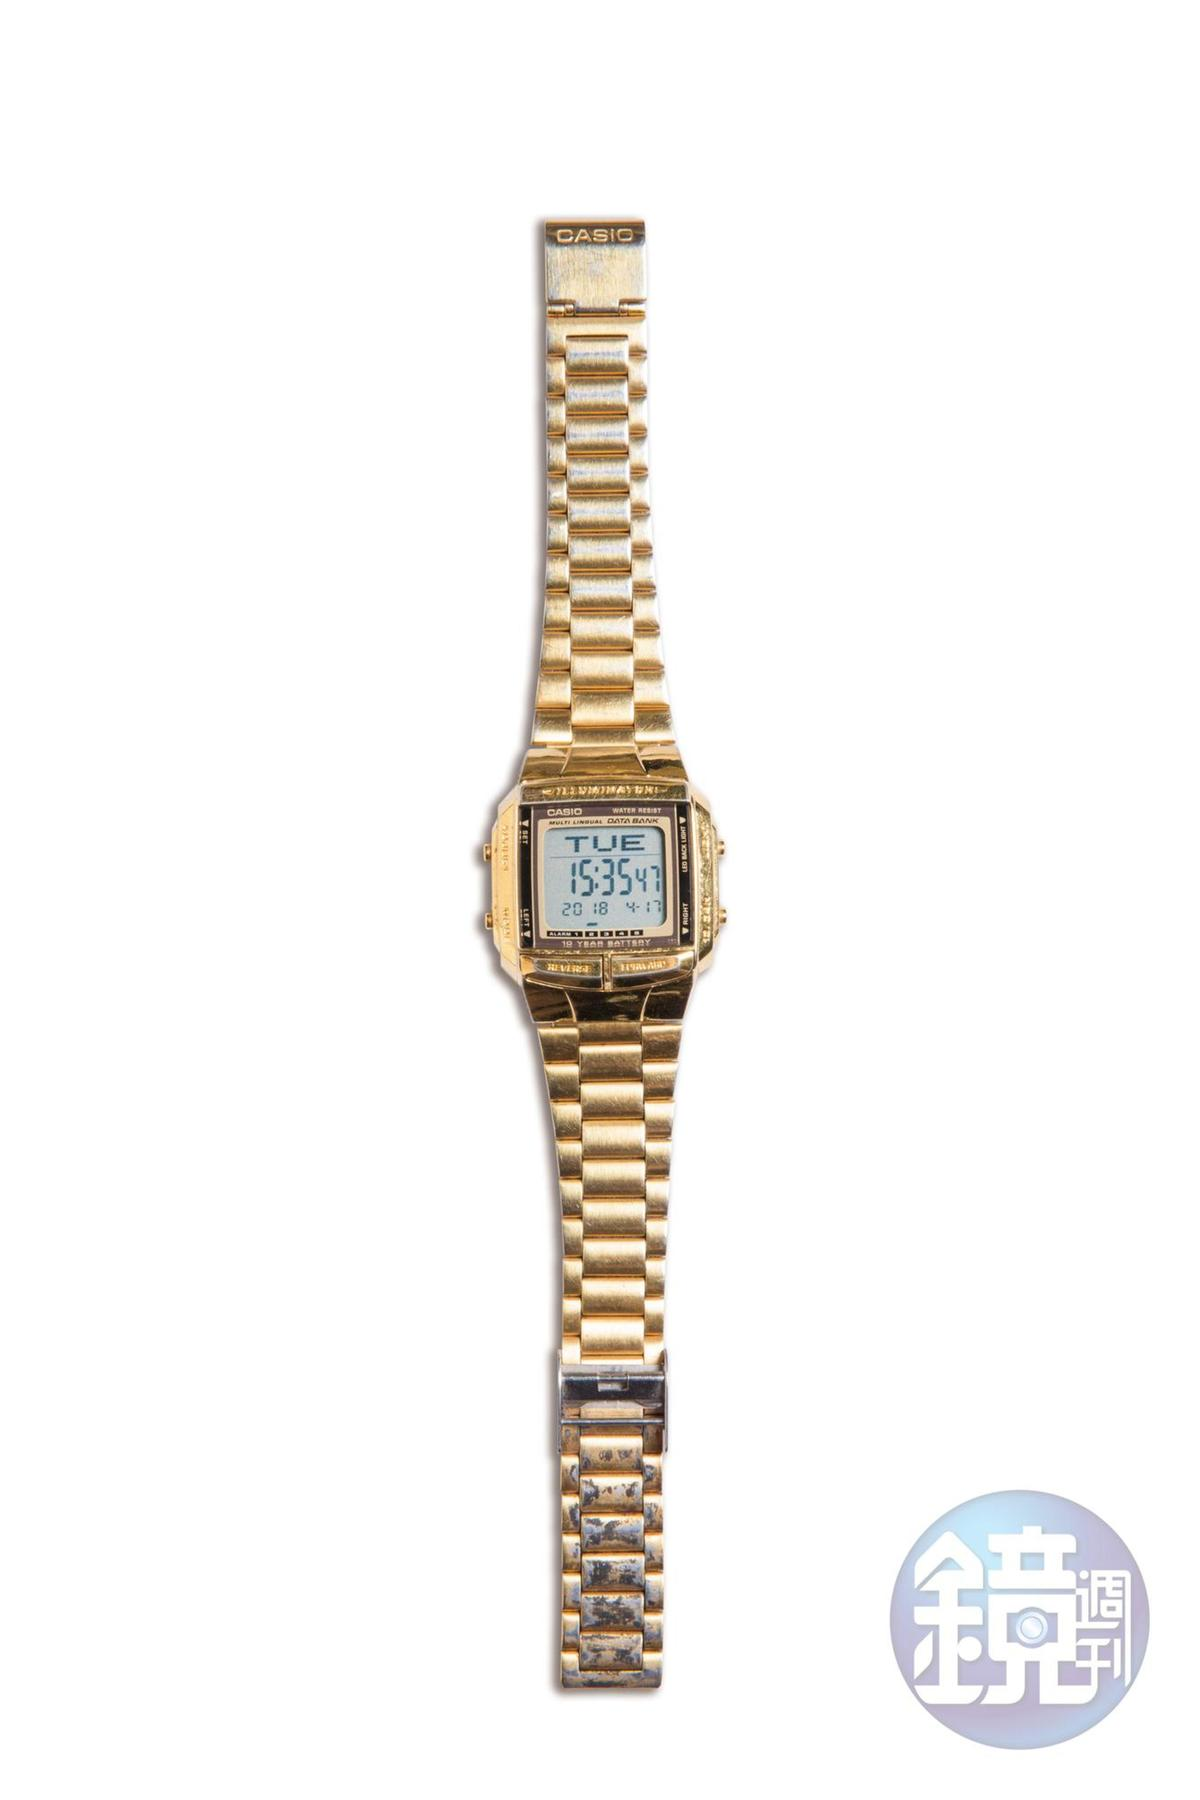 CASIO金色電子錶,朋友送的生日禮物。